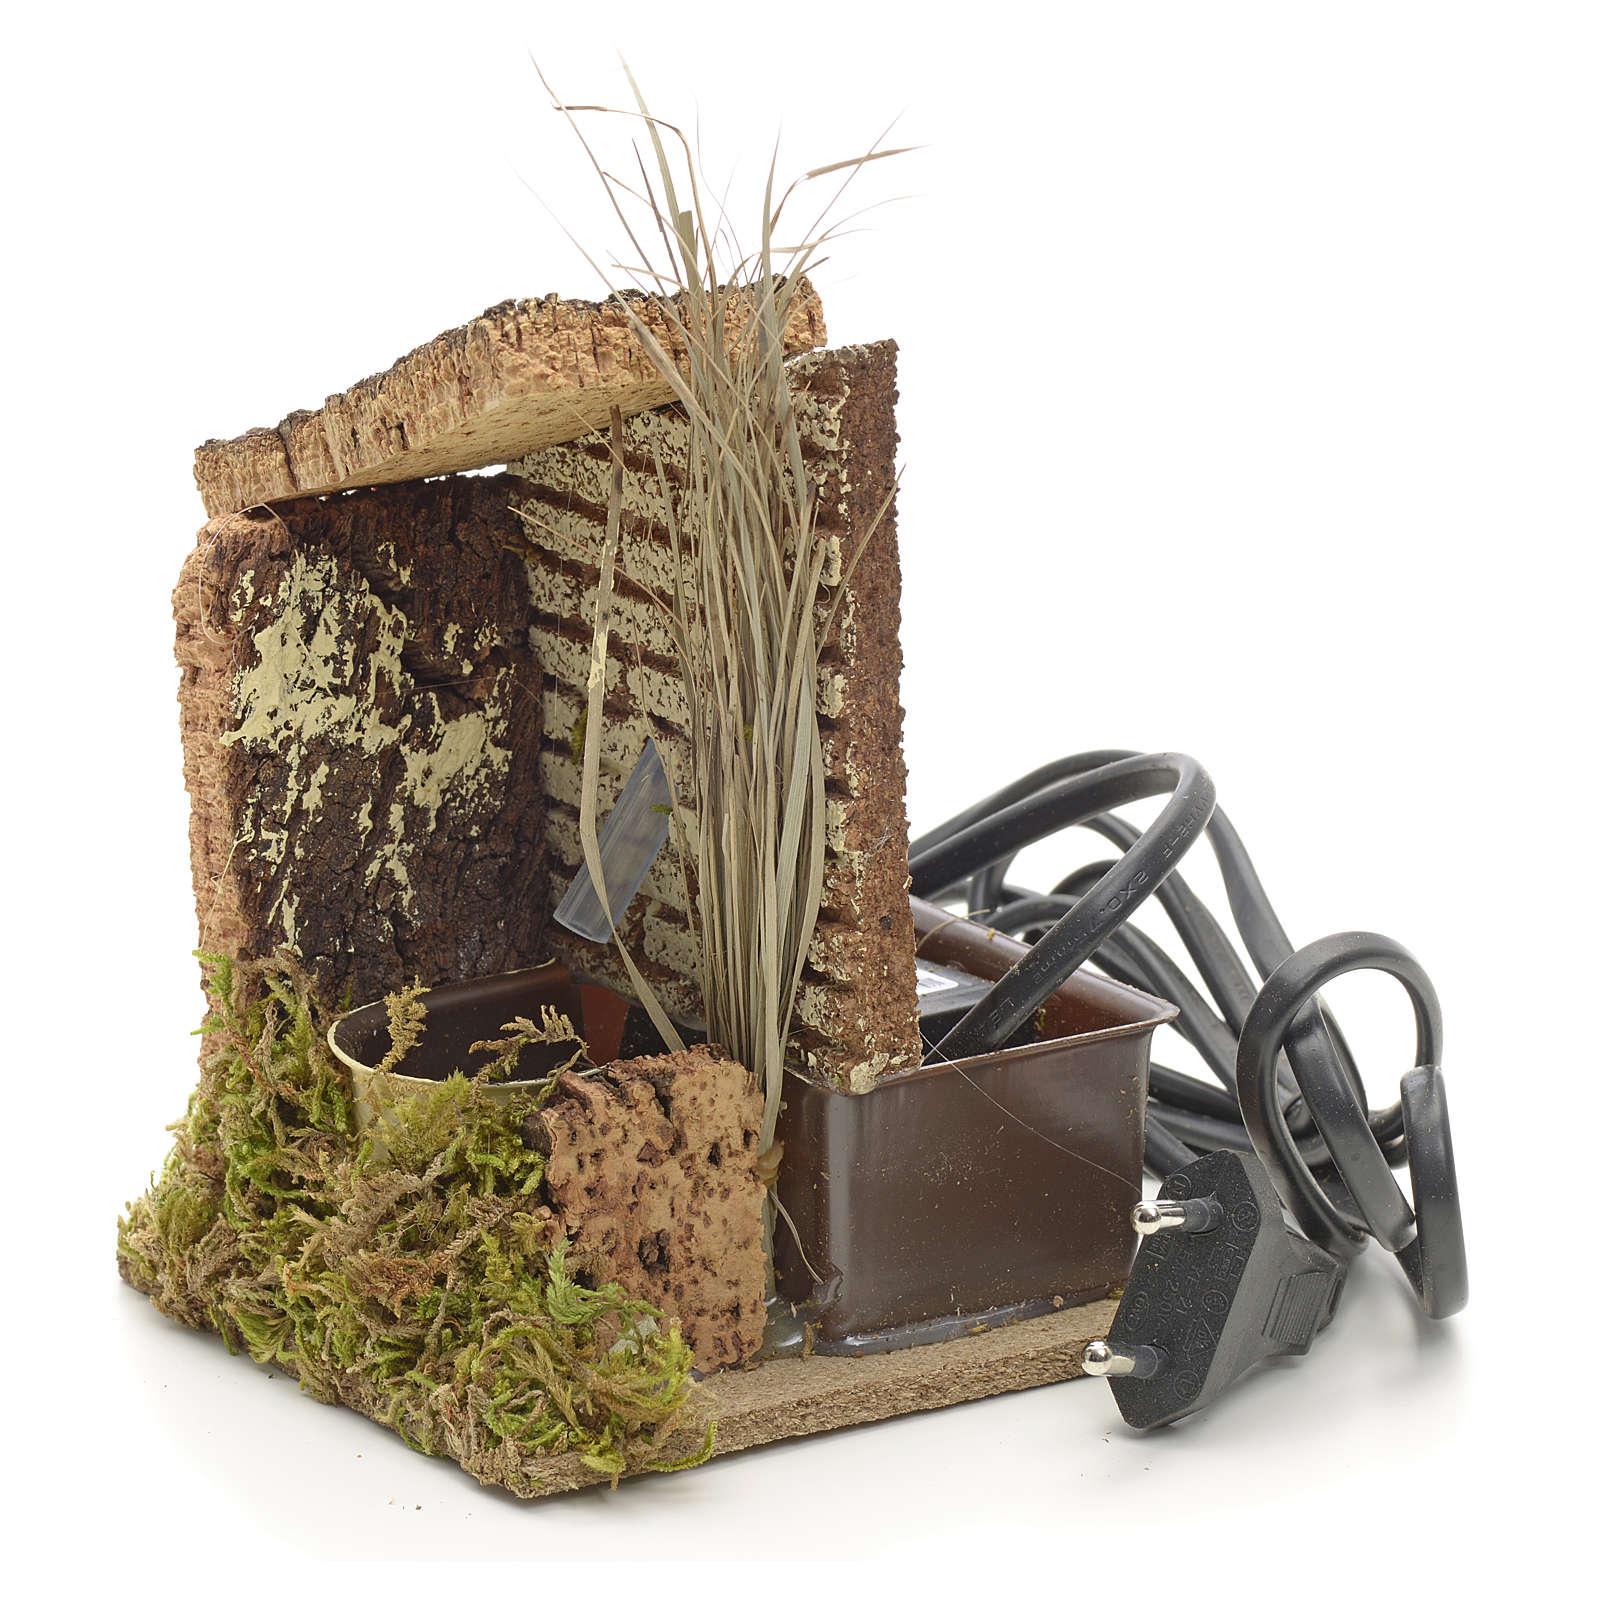 Fonte presépio madeira cortiça musgo 13x10x9 cm 4